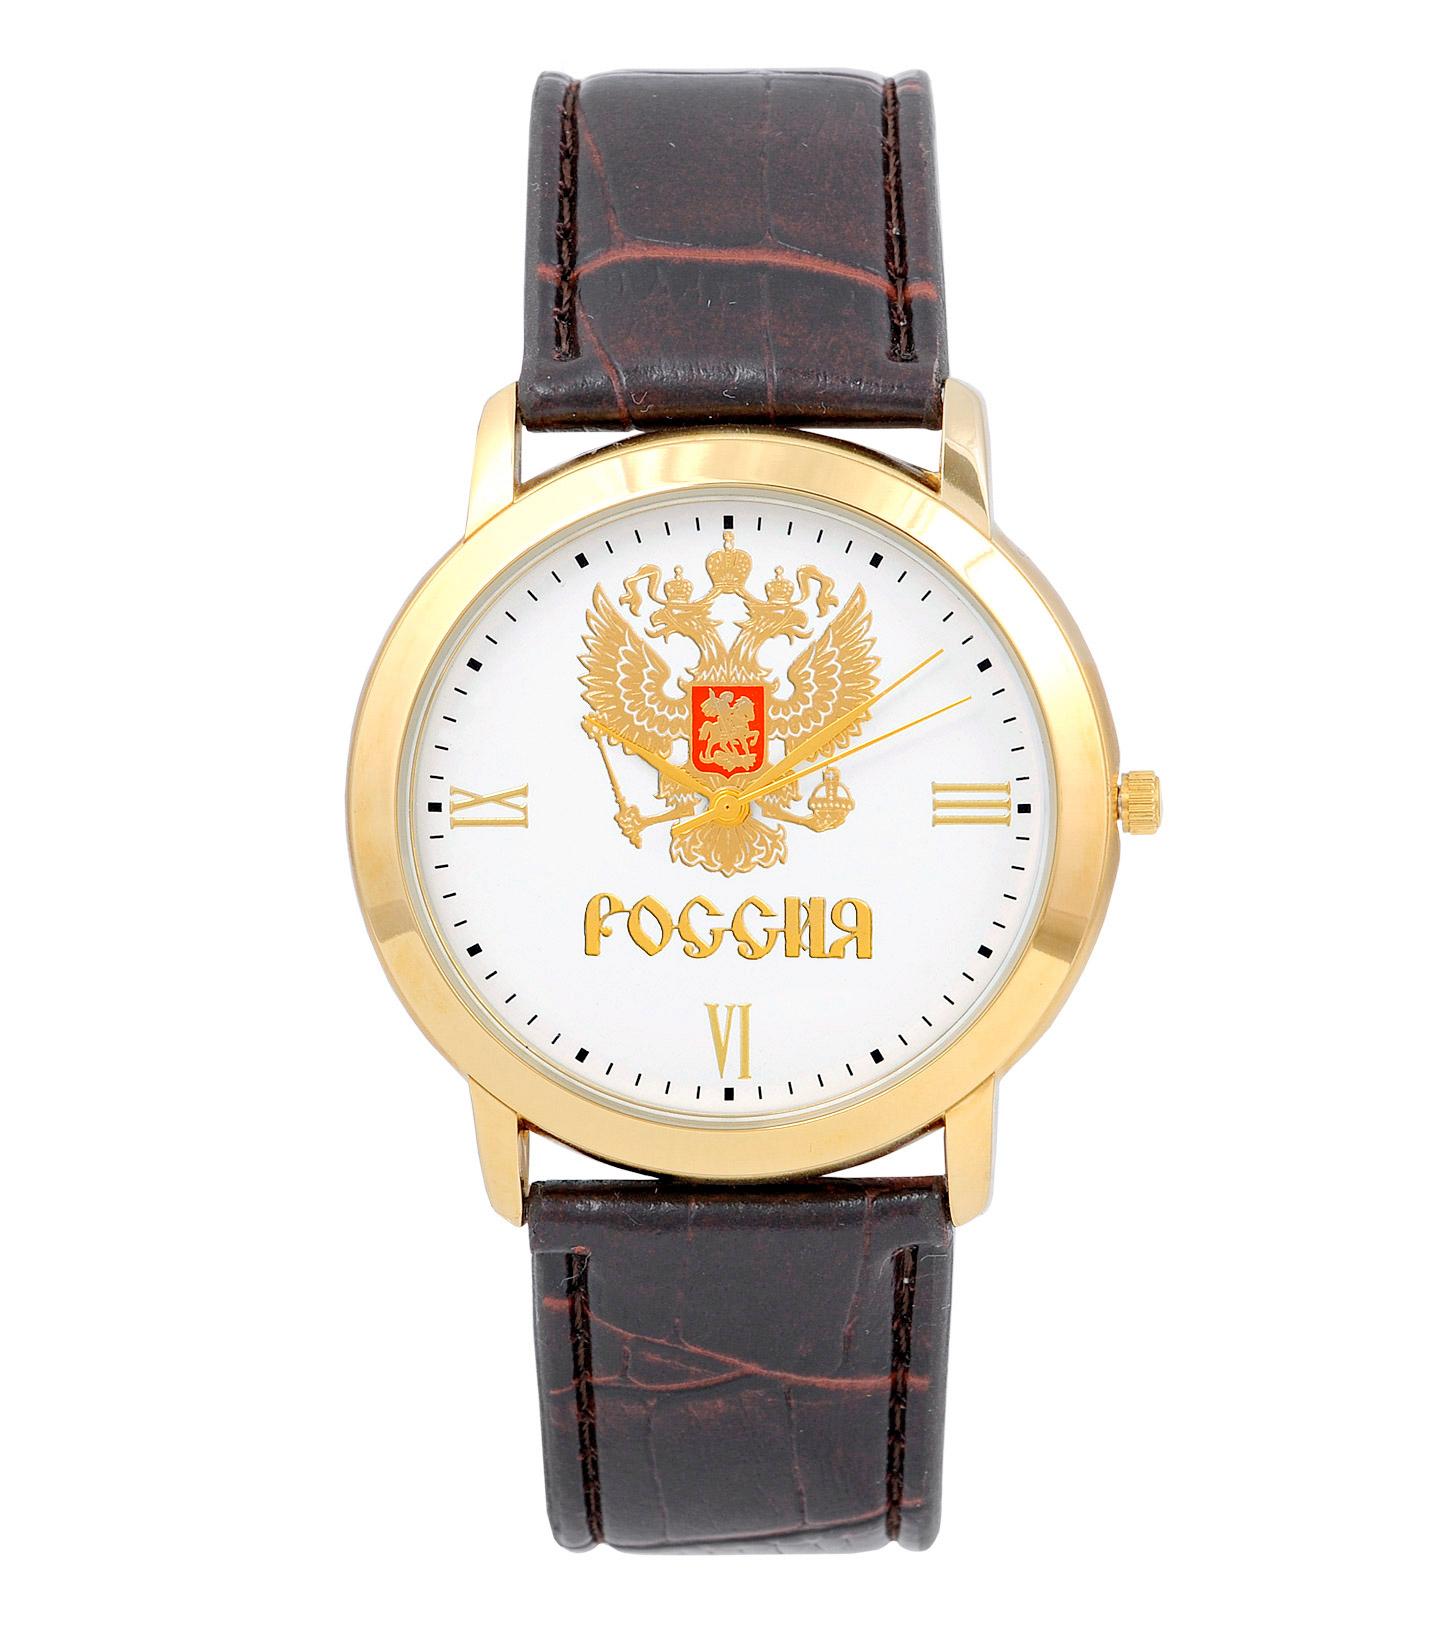 Мужские кварцевые часы Полёт - Стиль российского производства